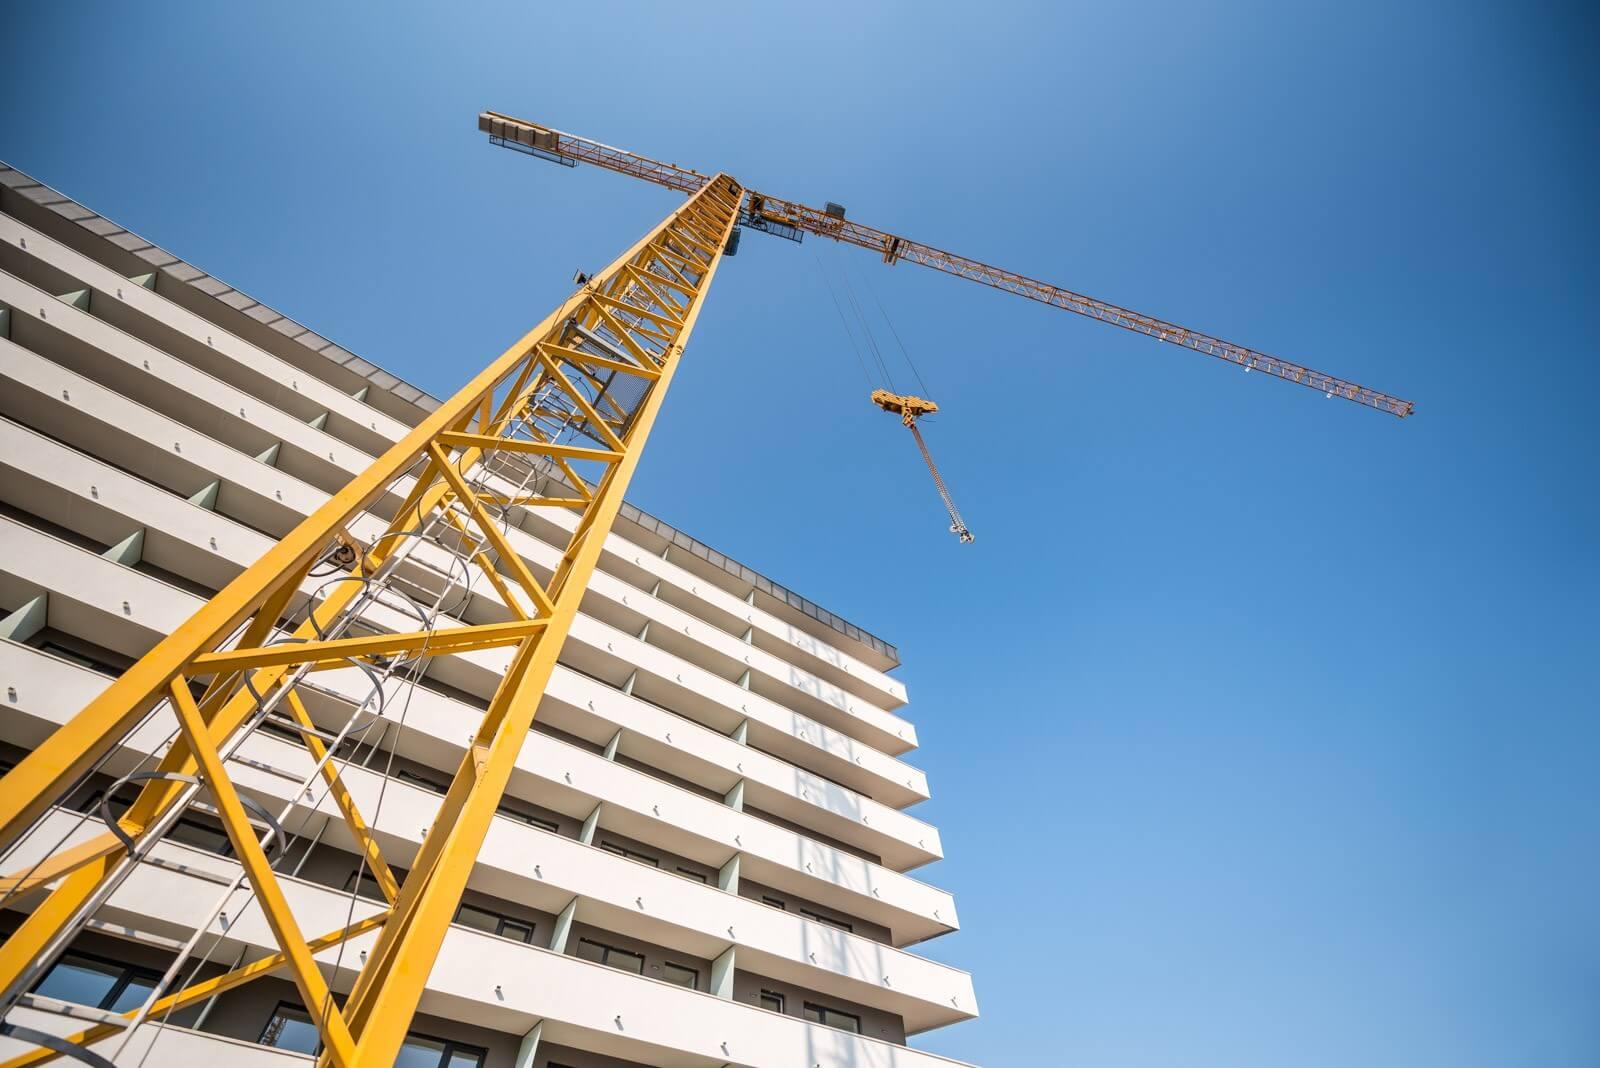 Közel másfélszeresére nőtt egy év alatt az építőipari termelés